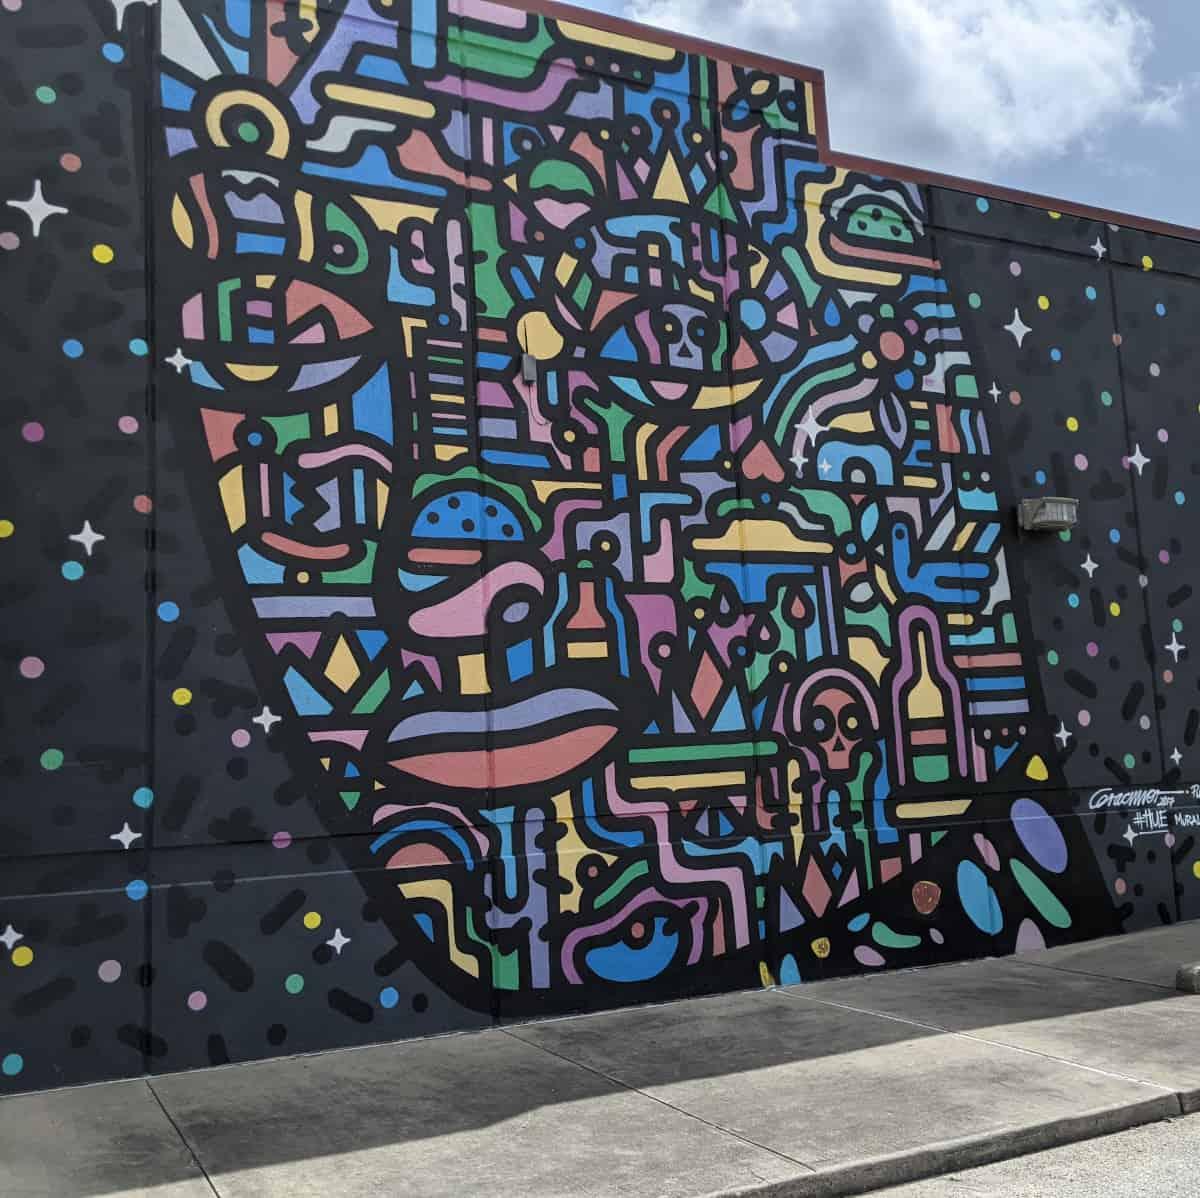 TBH Mural from Houston Mural Fest